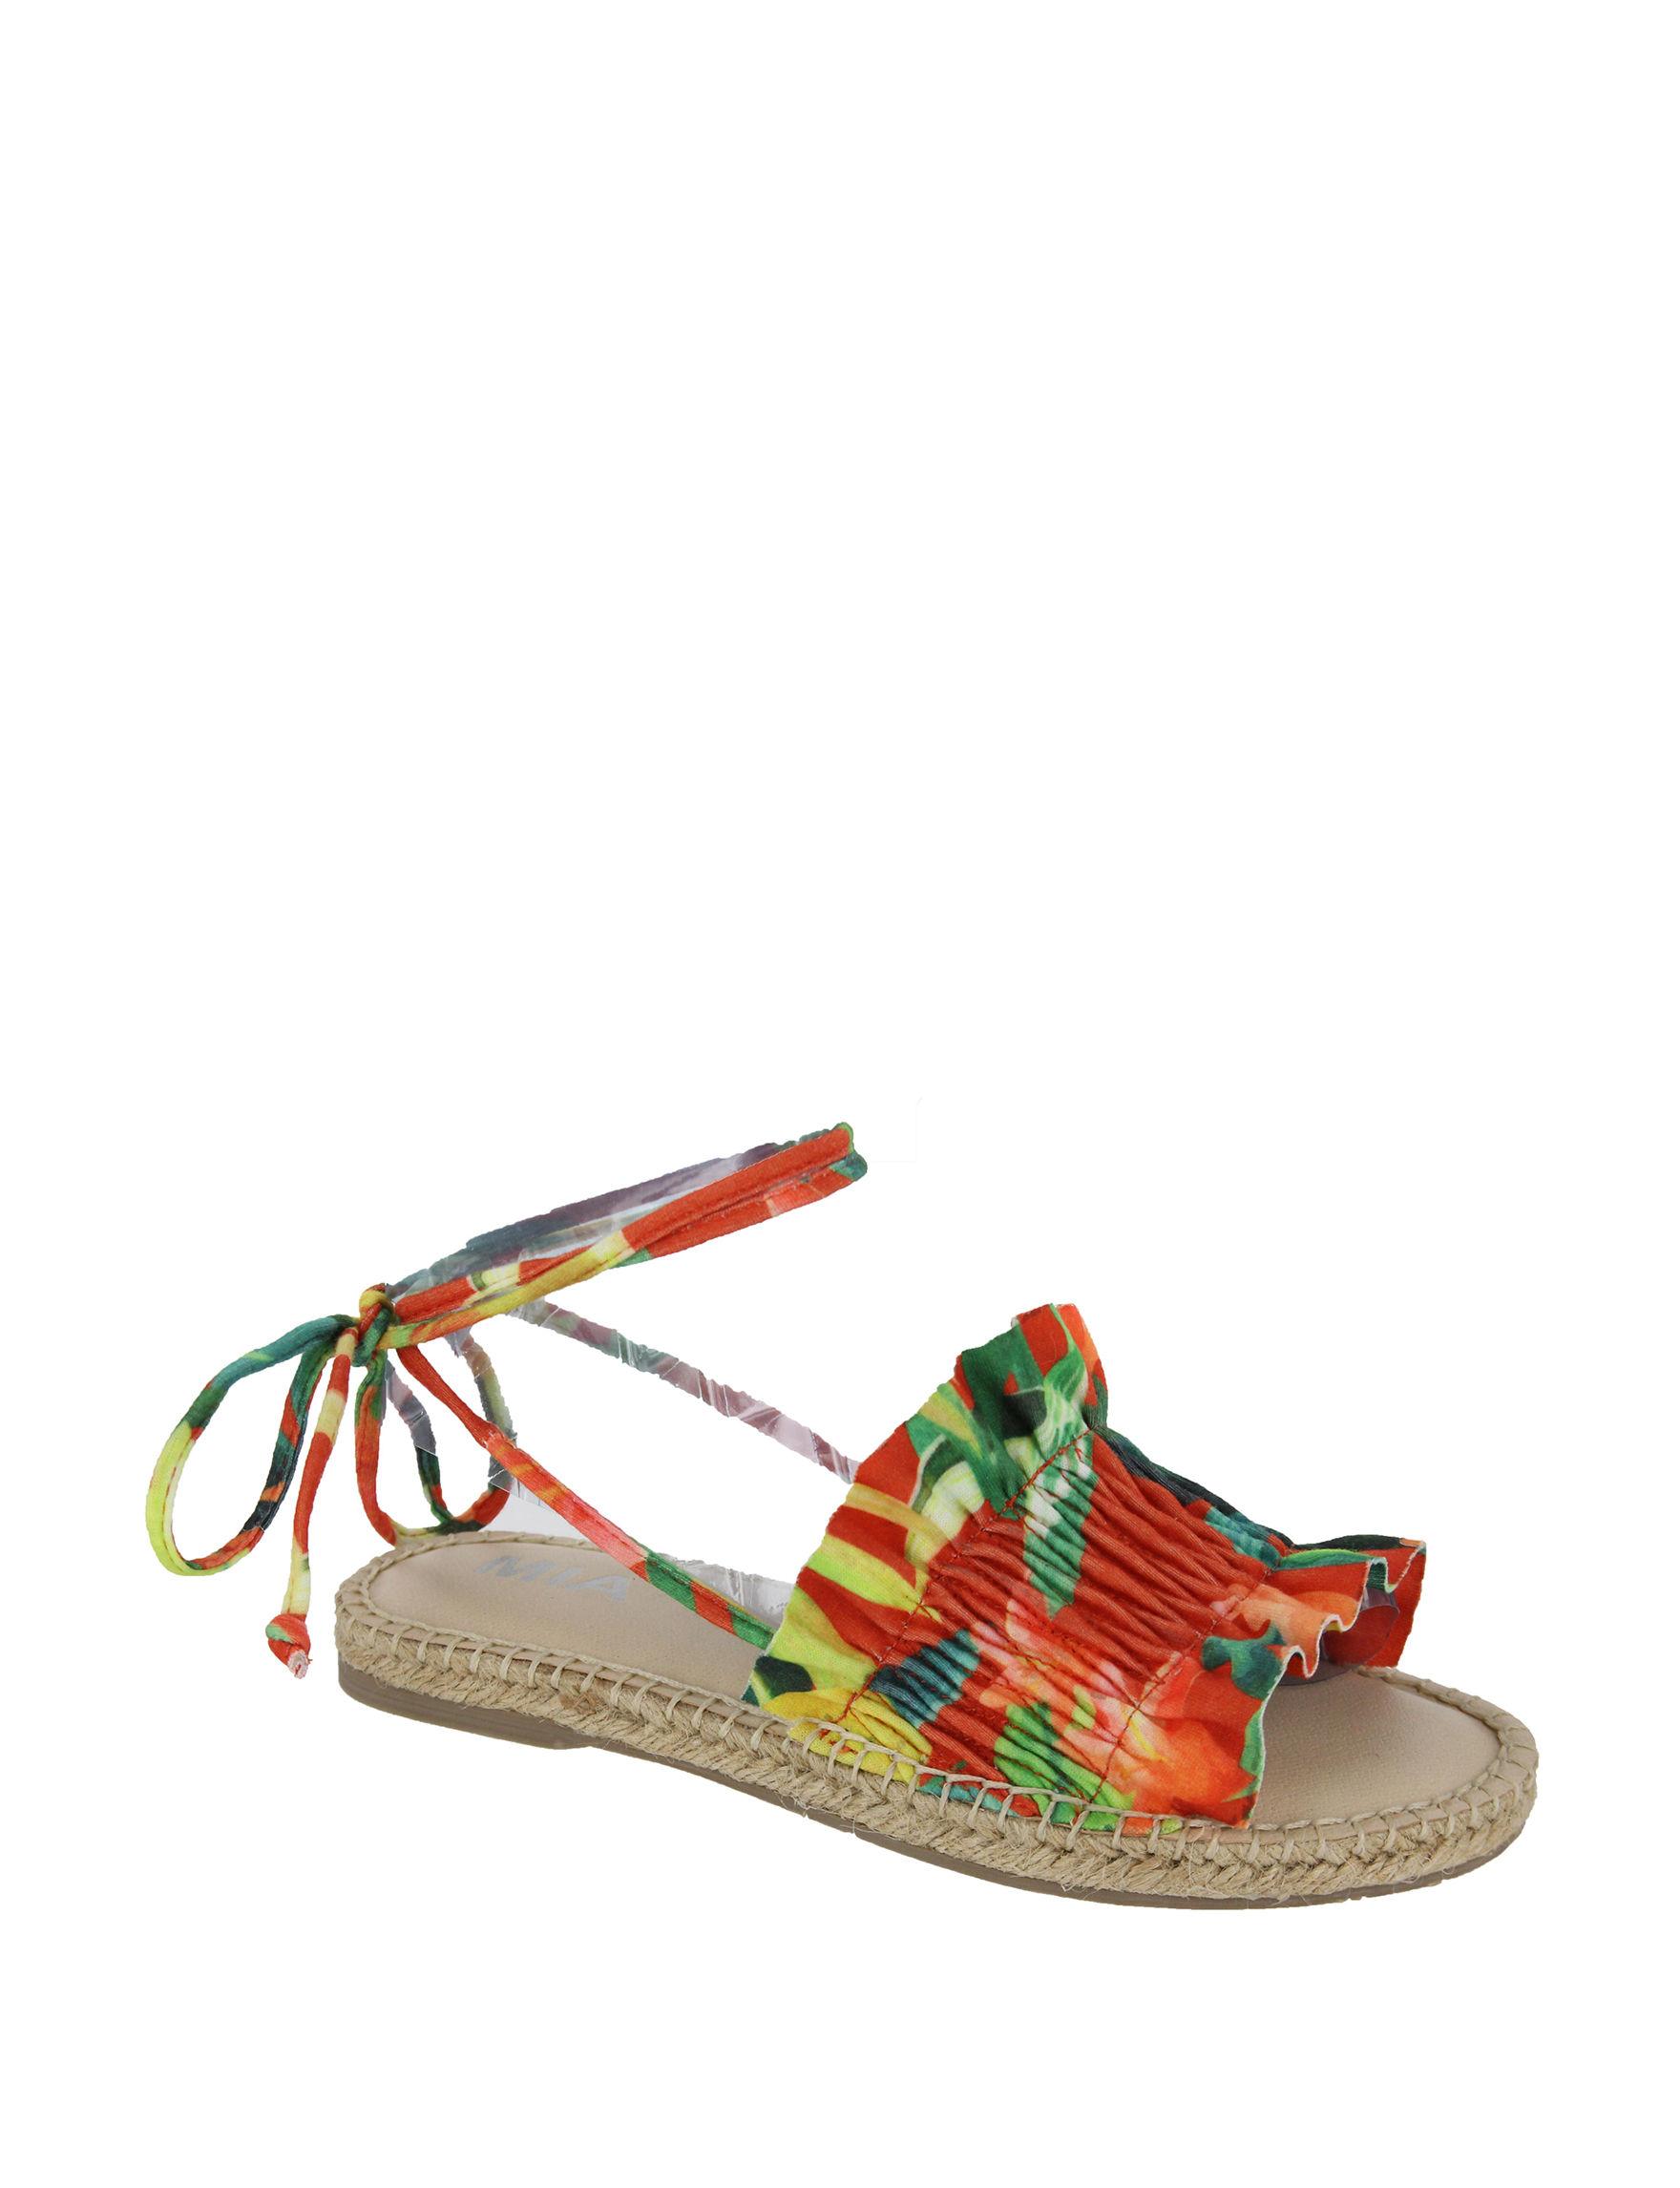 MIA Multi Flat Sandals